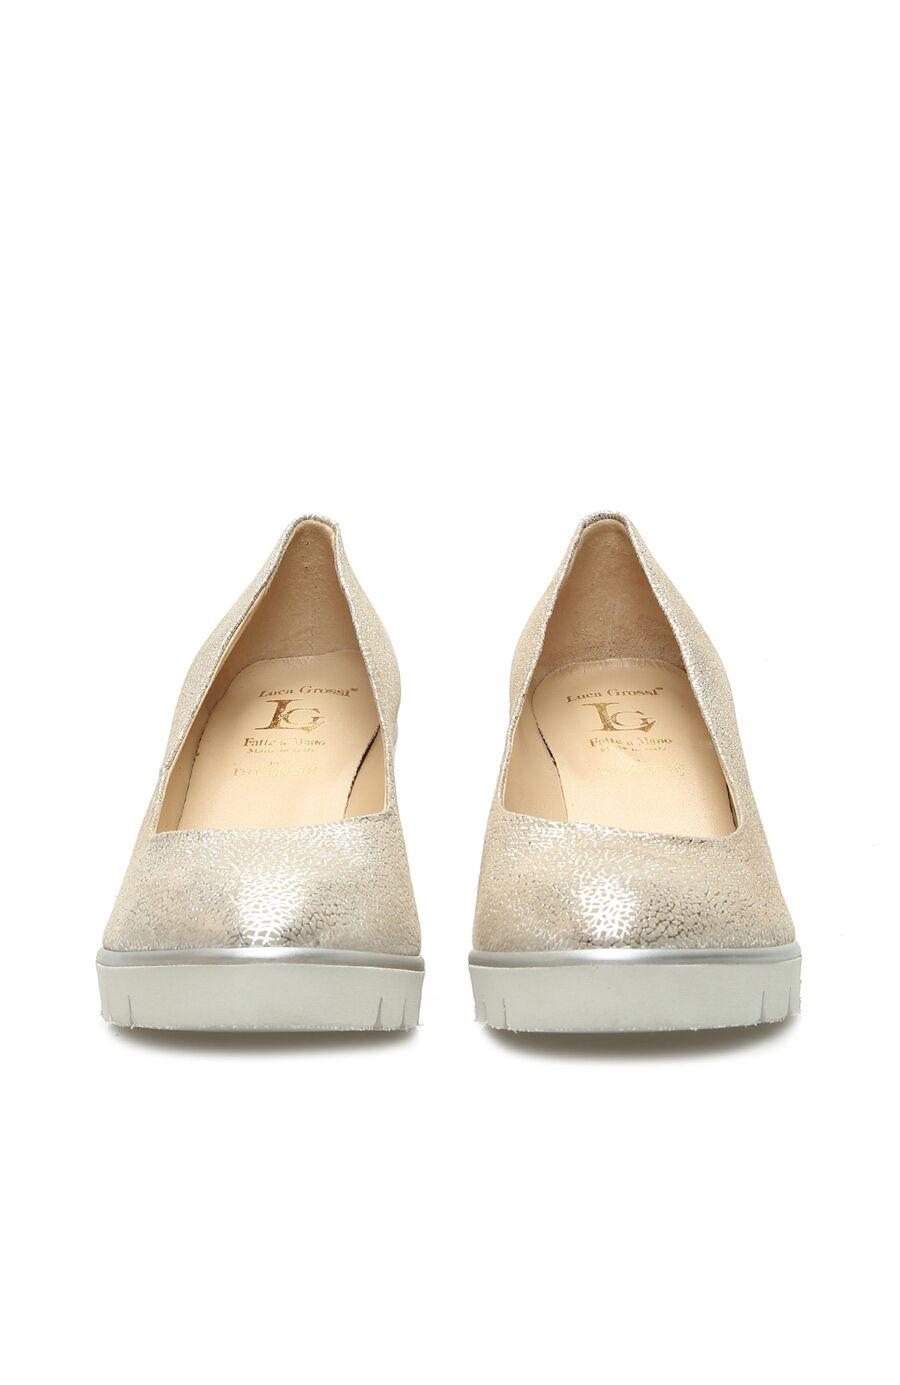 Krem Kadın Ayakkabı